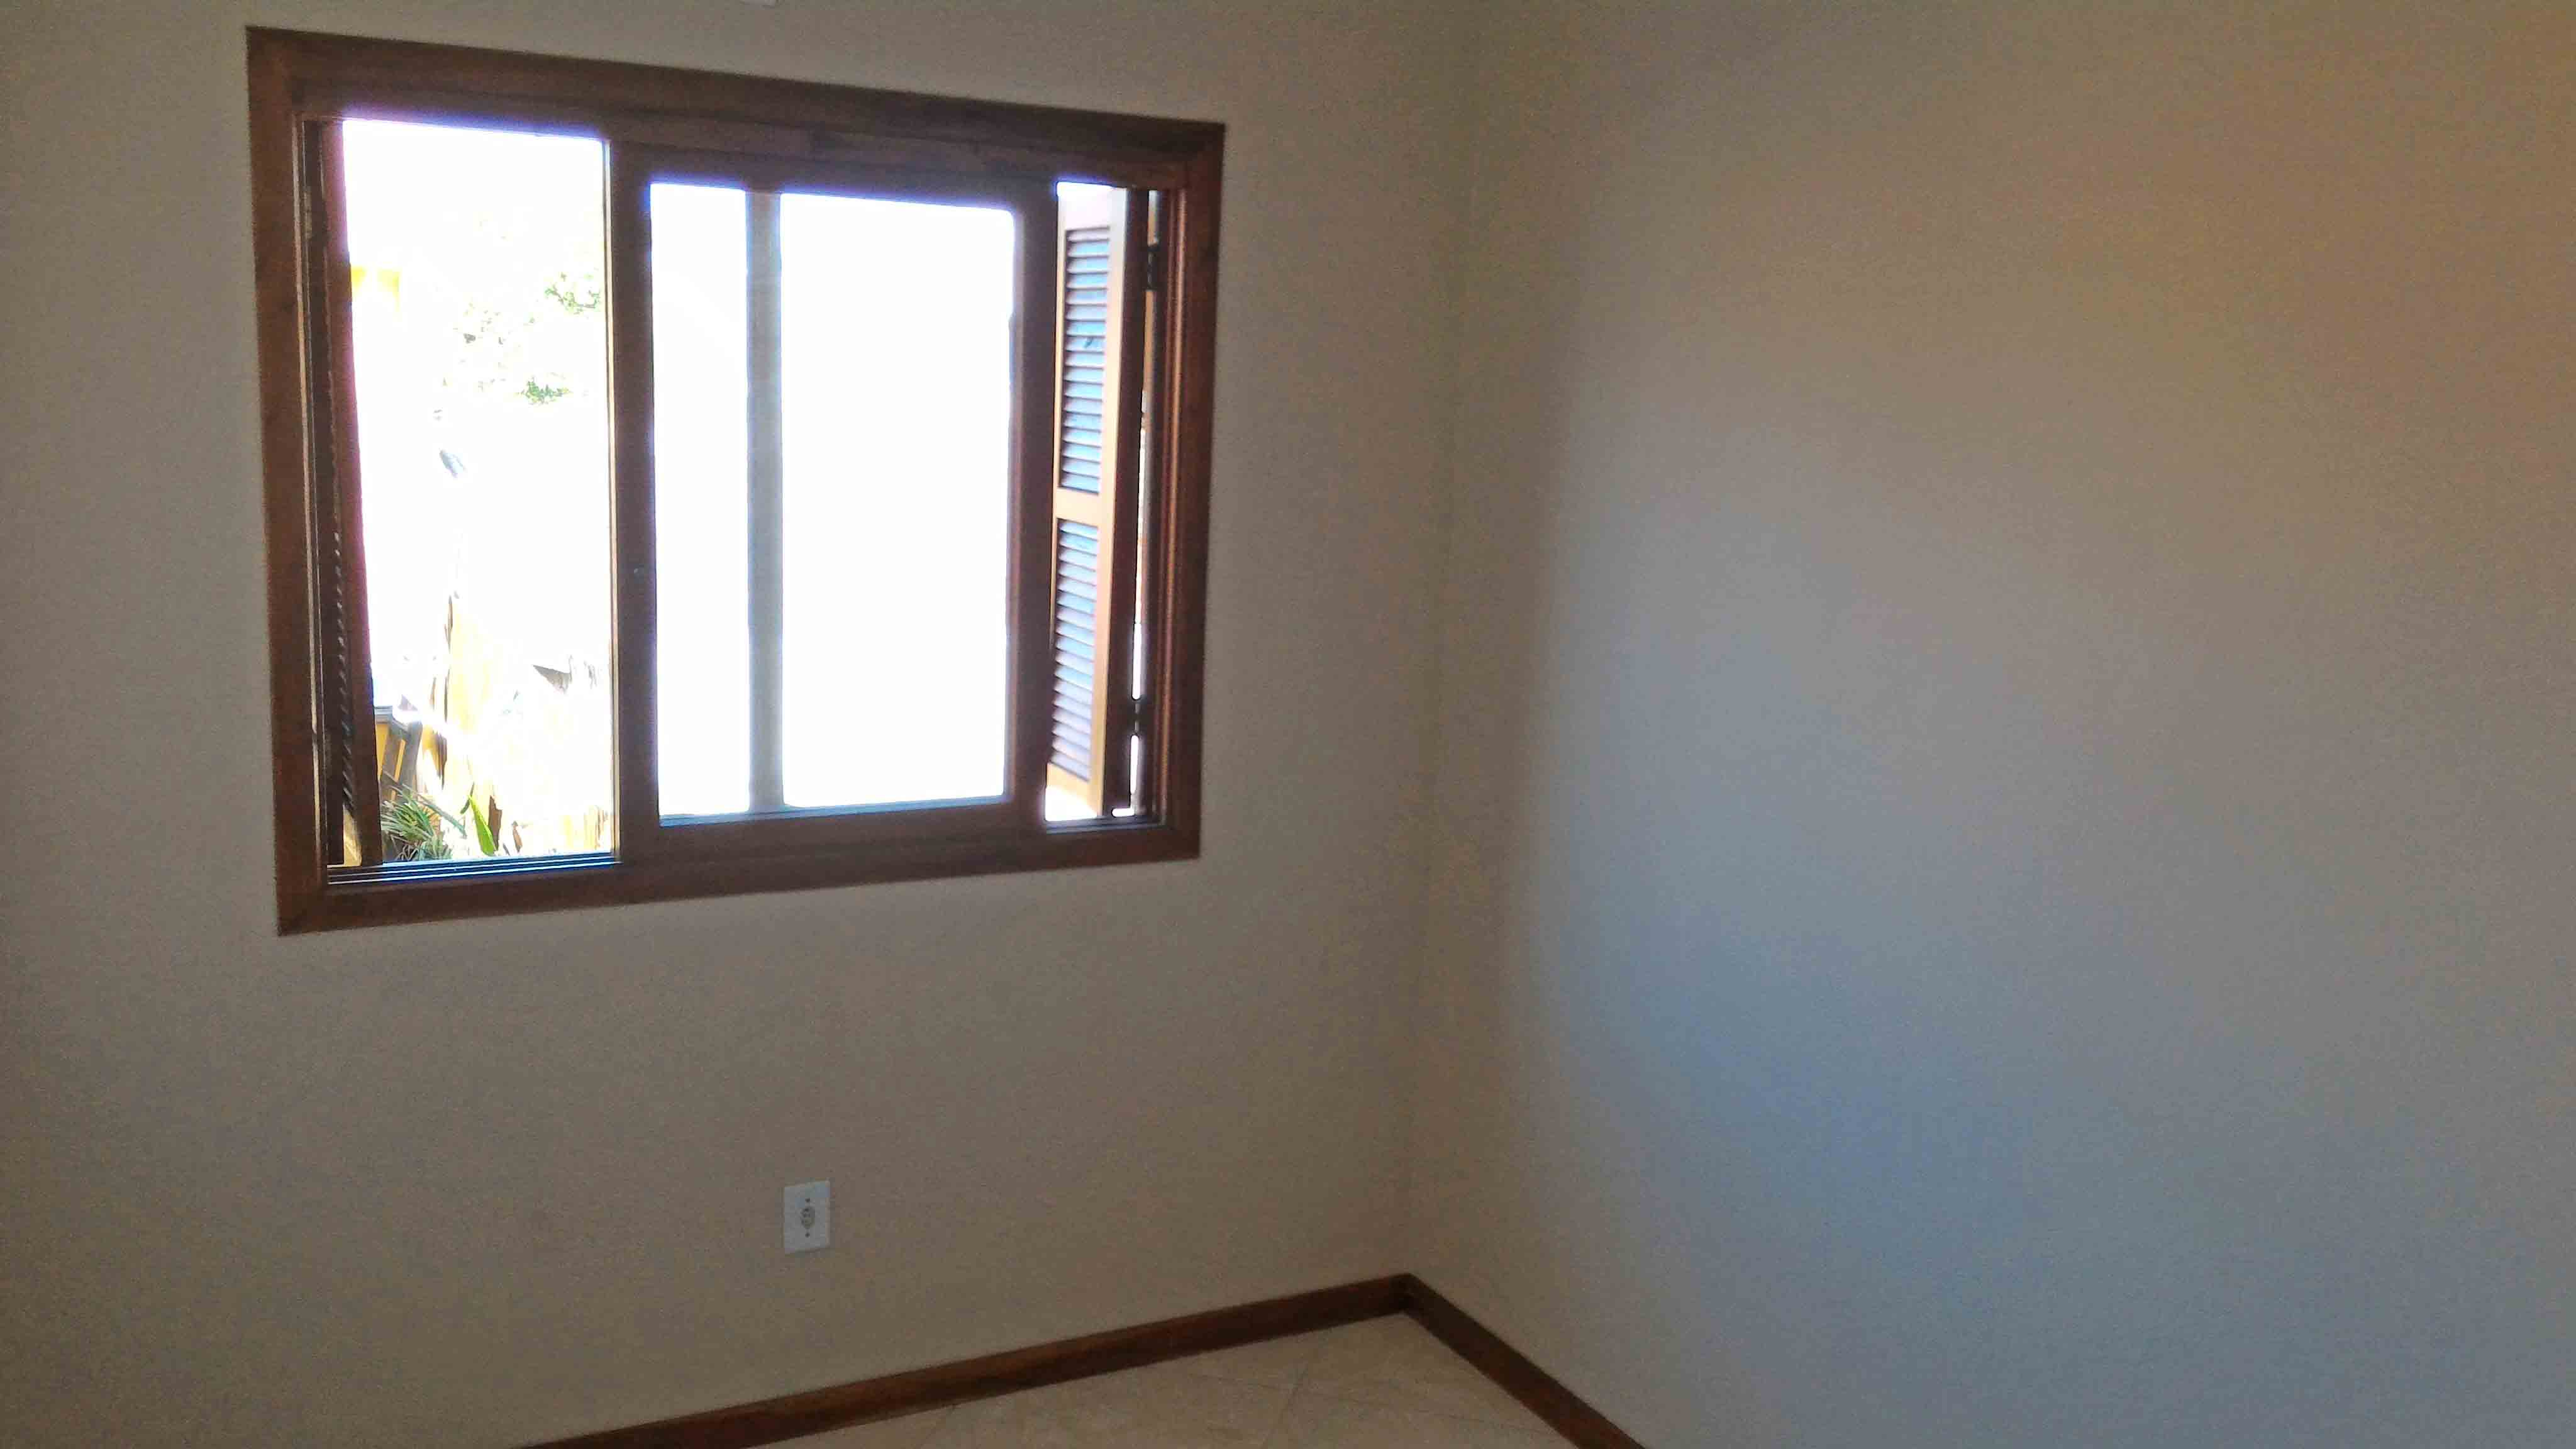 Ap202-janela-do-quarto